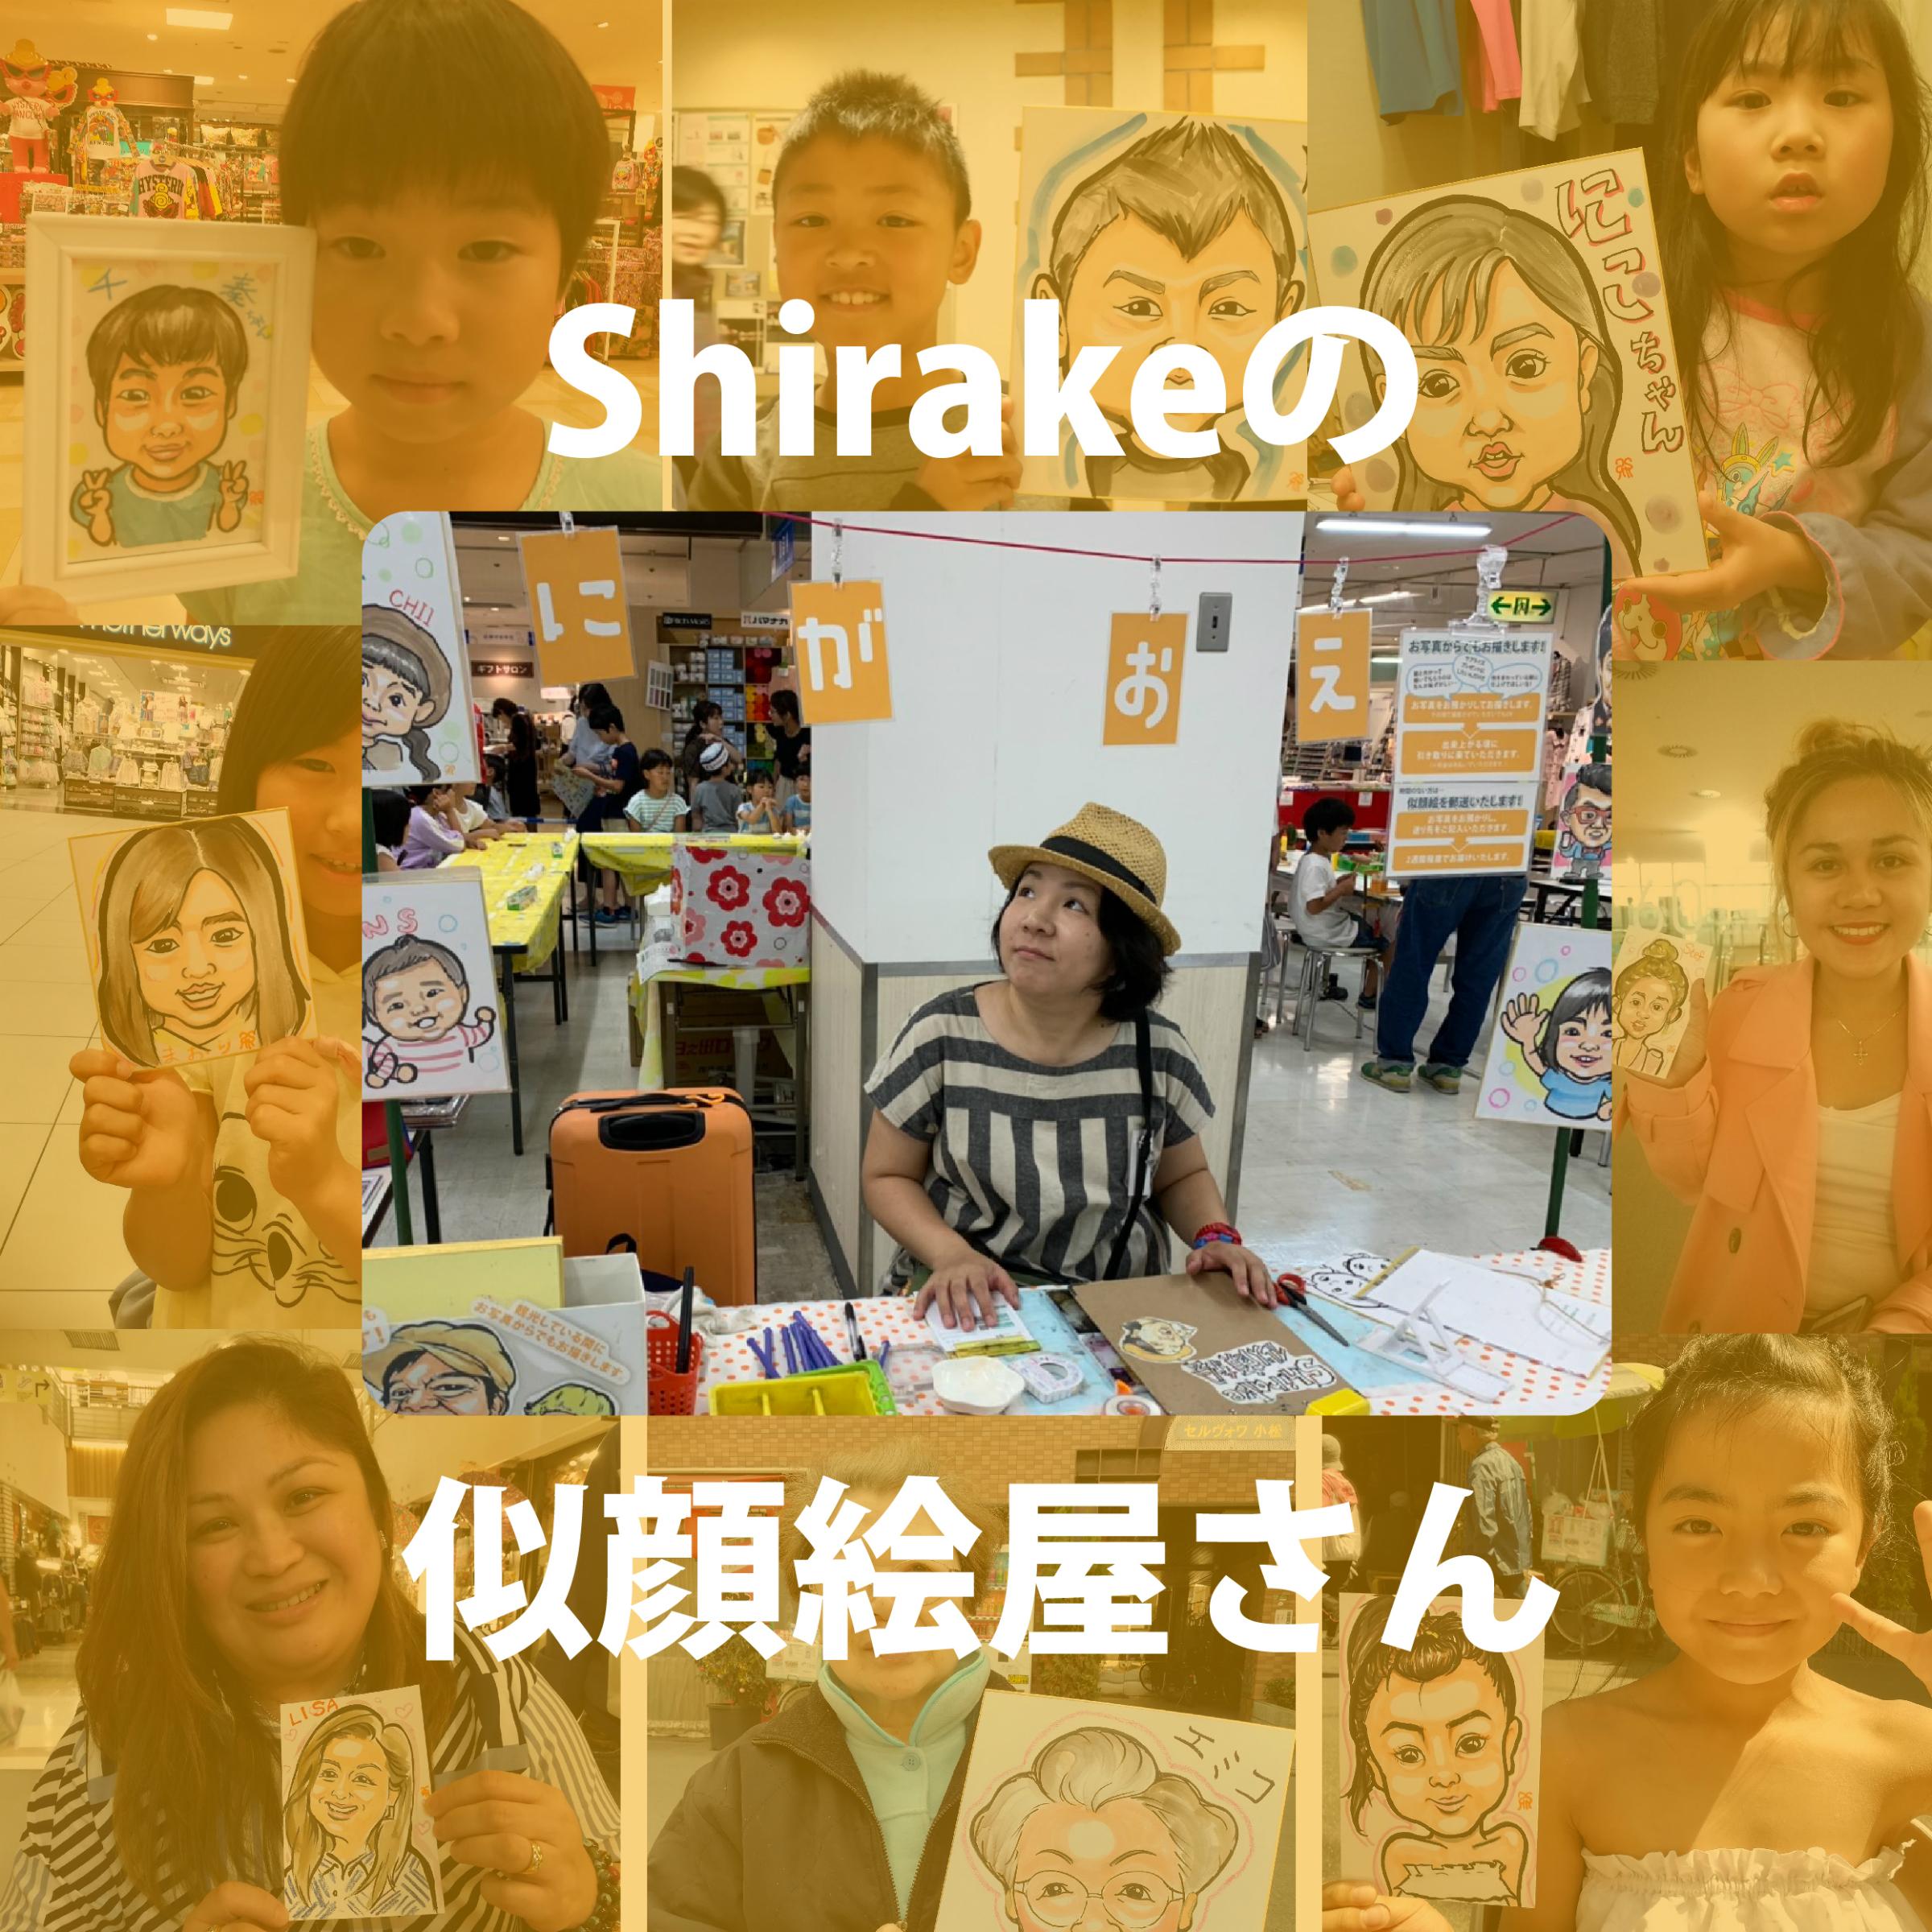 Shirakeの似顔絵屋さん(しらけのにがおえやさん)